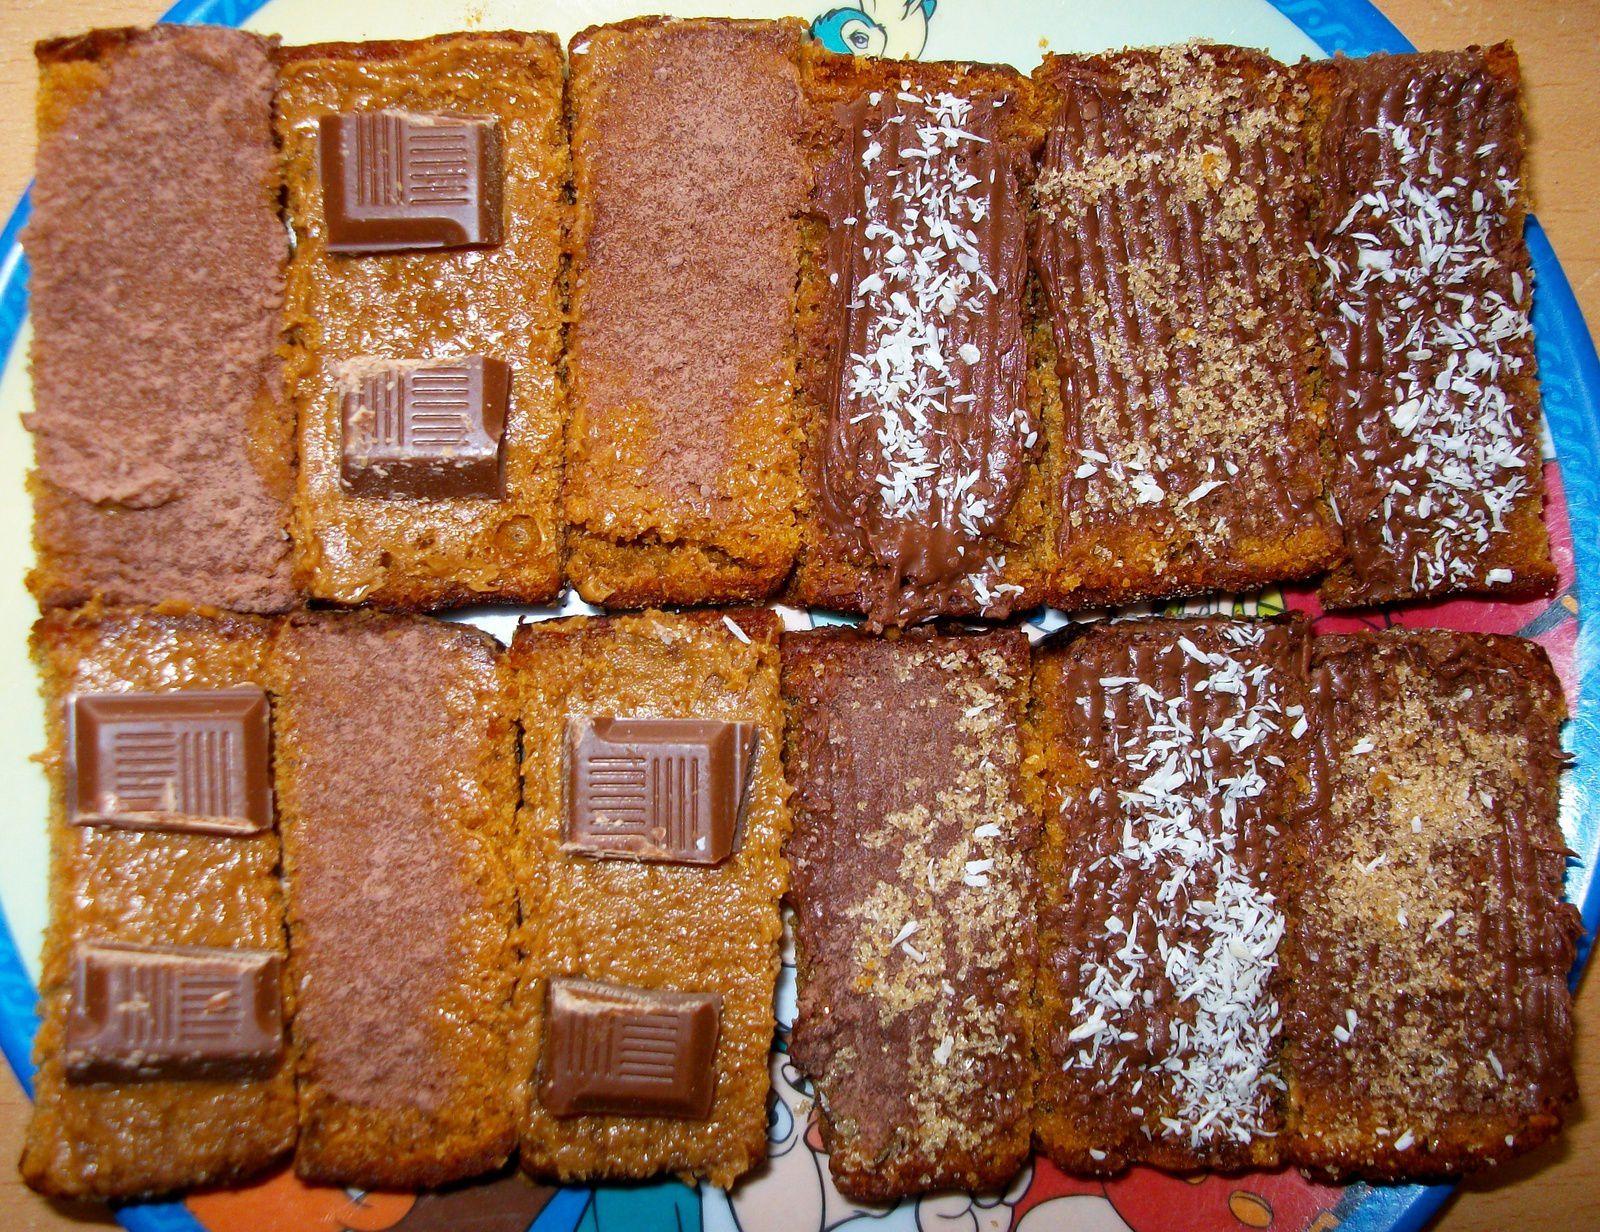 Assortiment de p'tites tranches de pain d'épice : 1. Pâte de spéculoos et poude de cacao 2. Pâte de spéculoos et chocolat au lait 3. Pâte à tartiner au chocolat au lait et poudre de noix de coco 4. Pâte à tartiner au chocolat au lait et noix de coco râpée